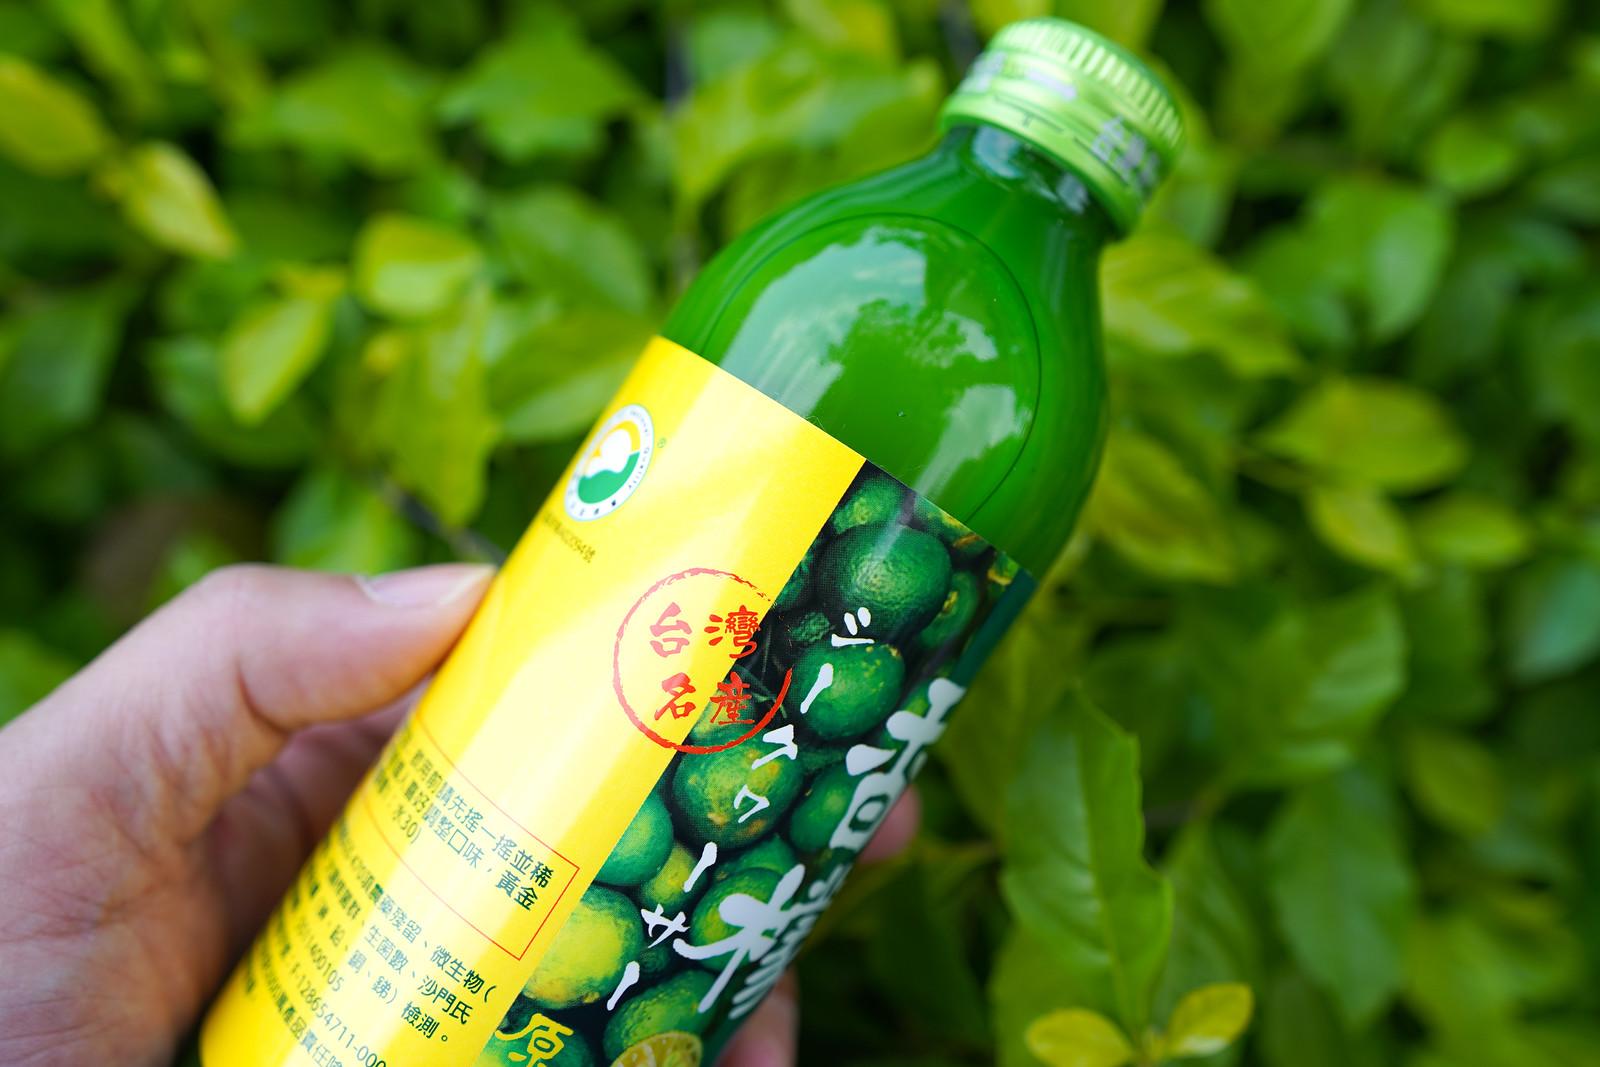 台灣好田-香檬原汁-台灣名產